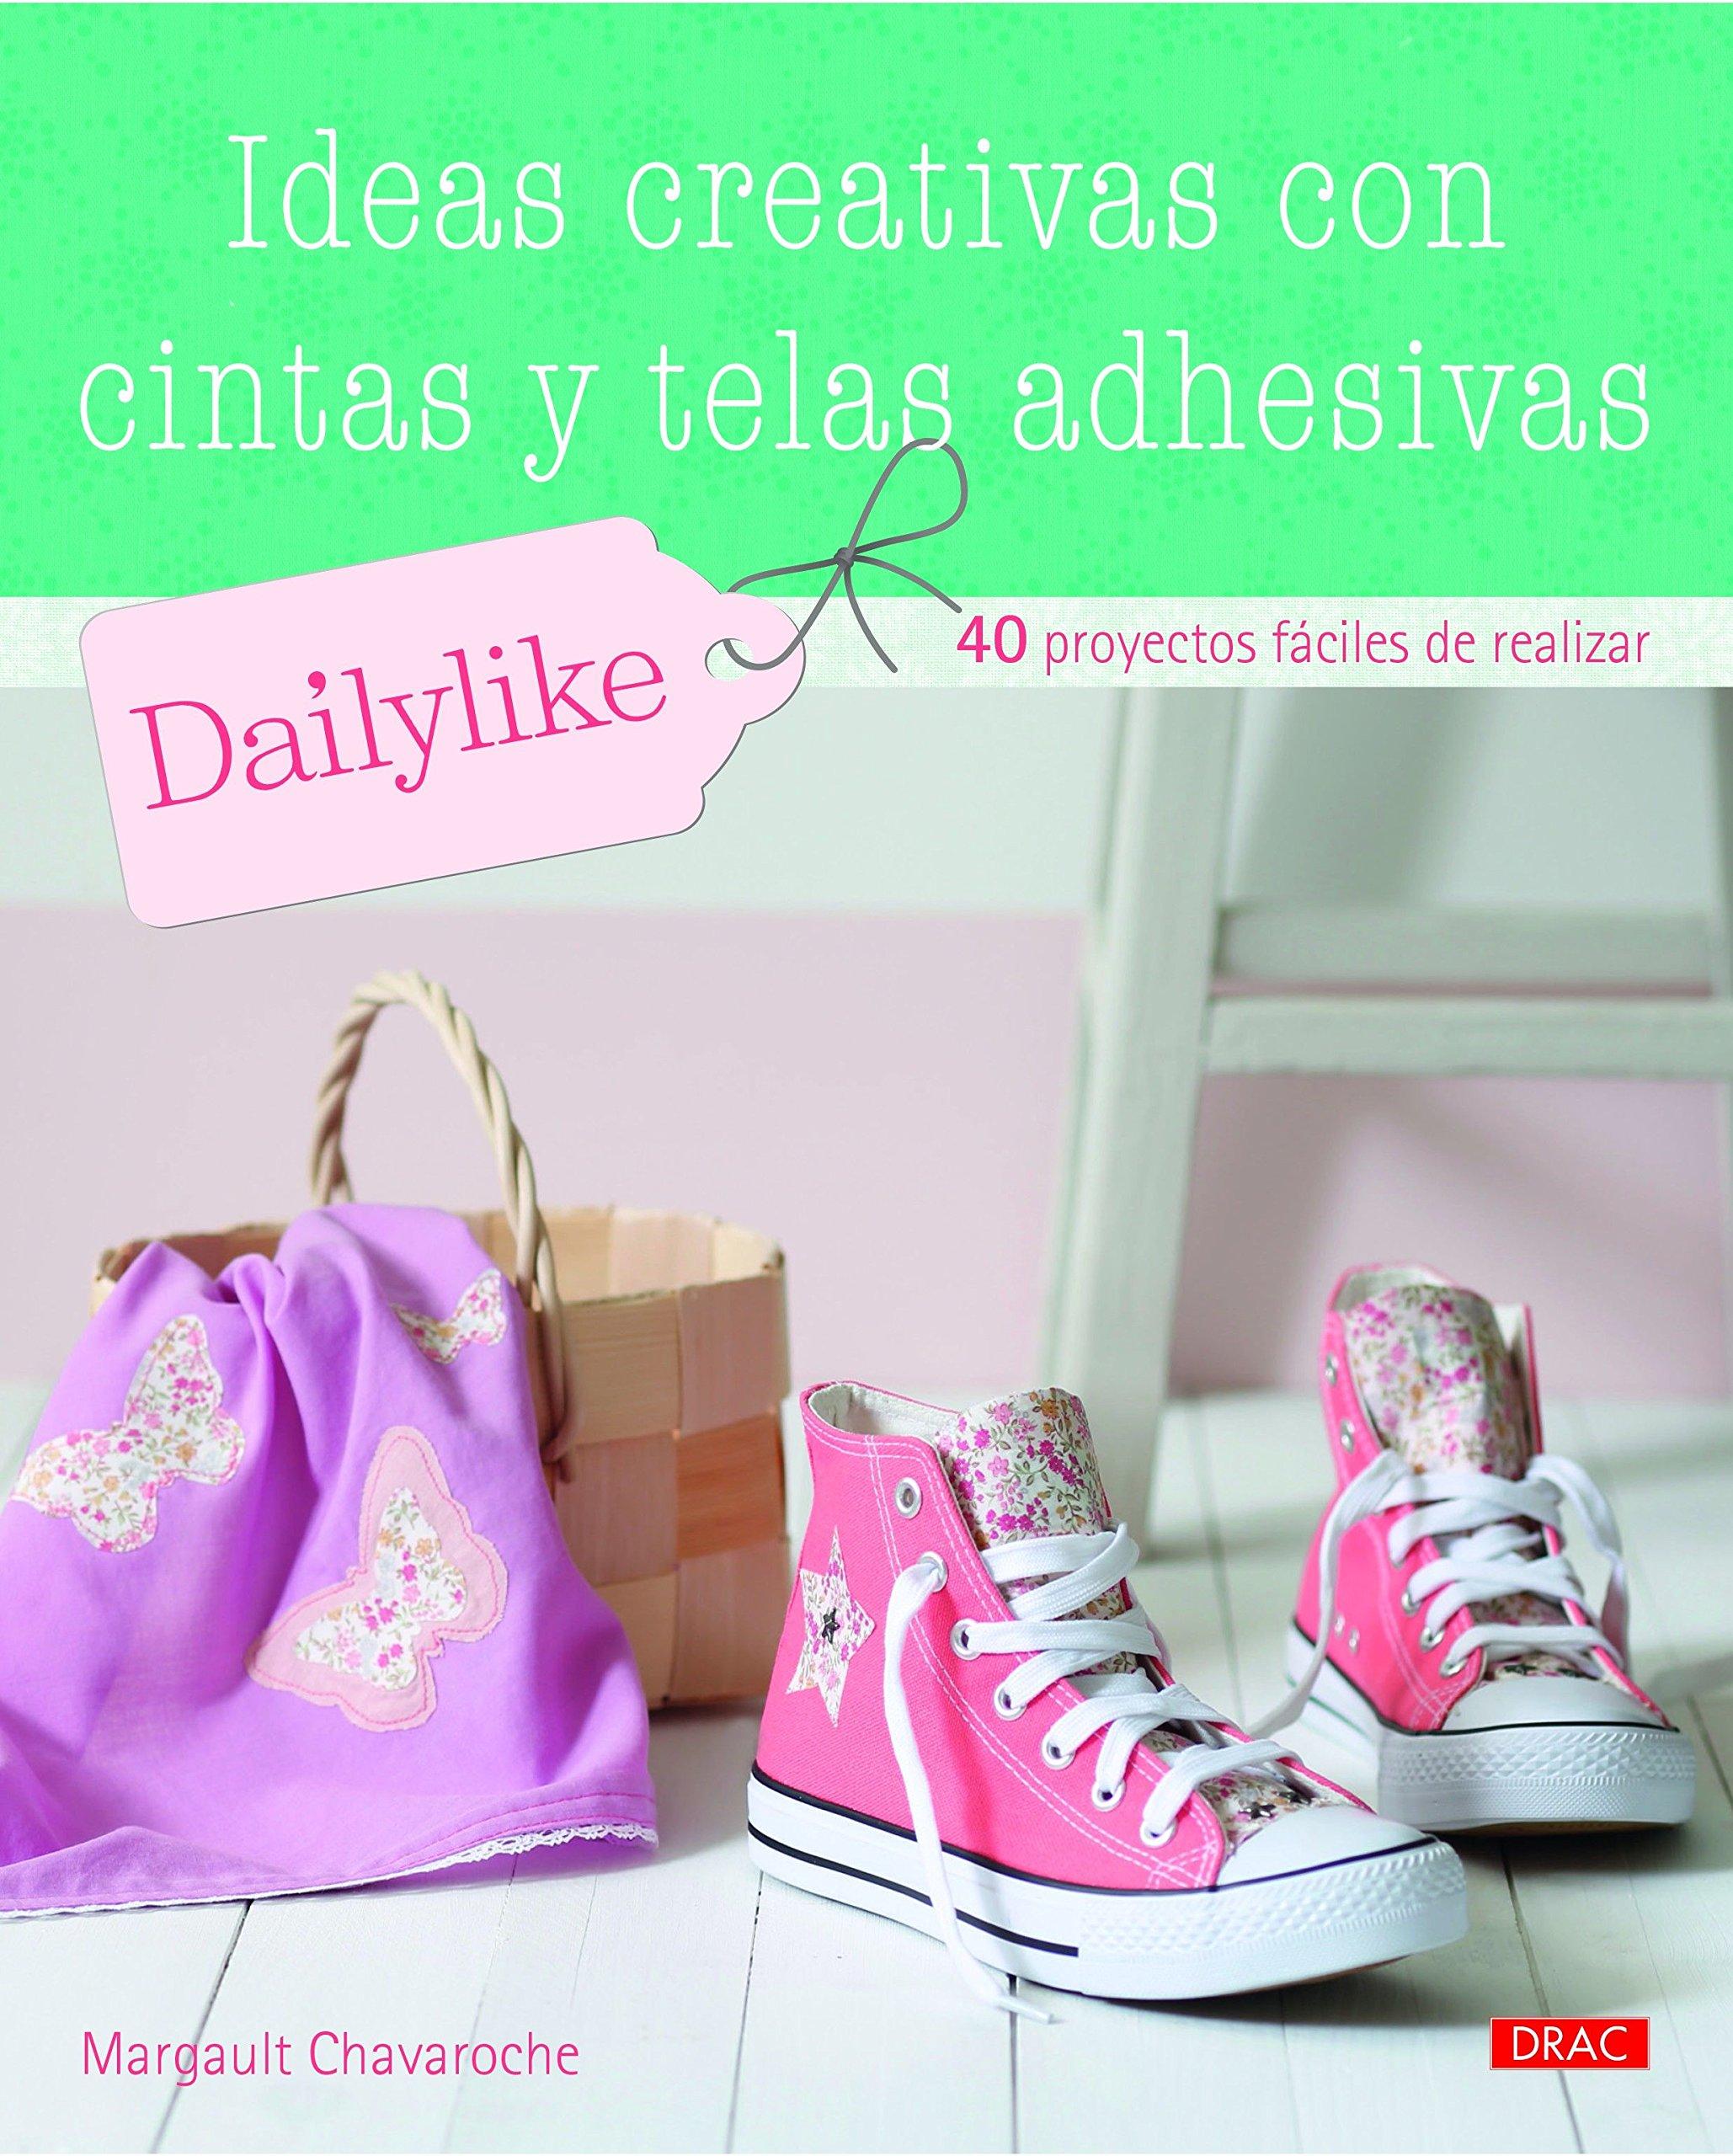 Ideas creativas con cintas y telas adhesivas (Spanish) Paperback – 2015